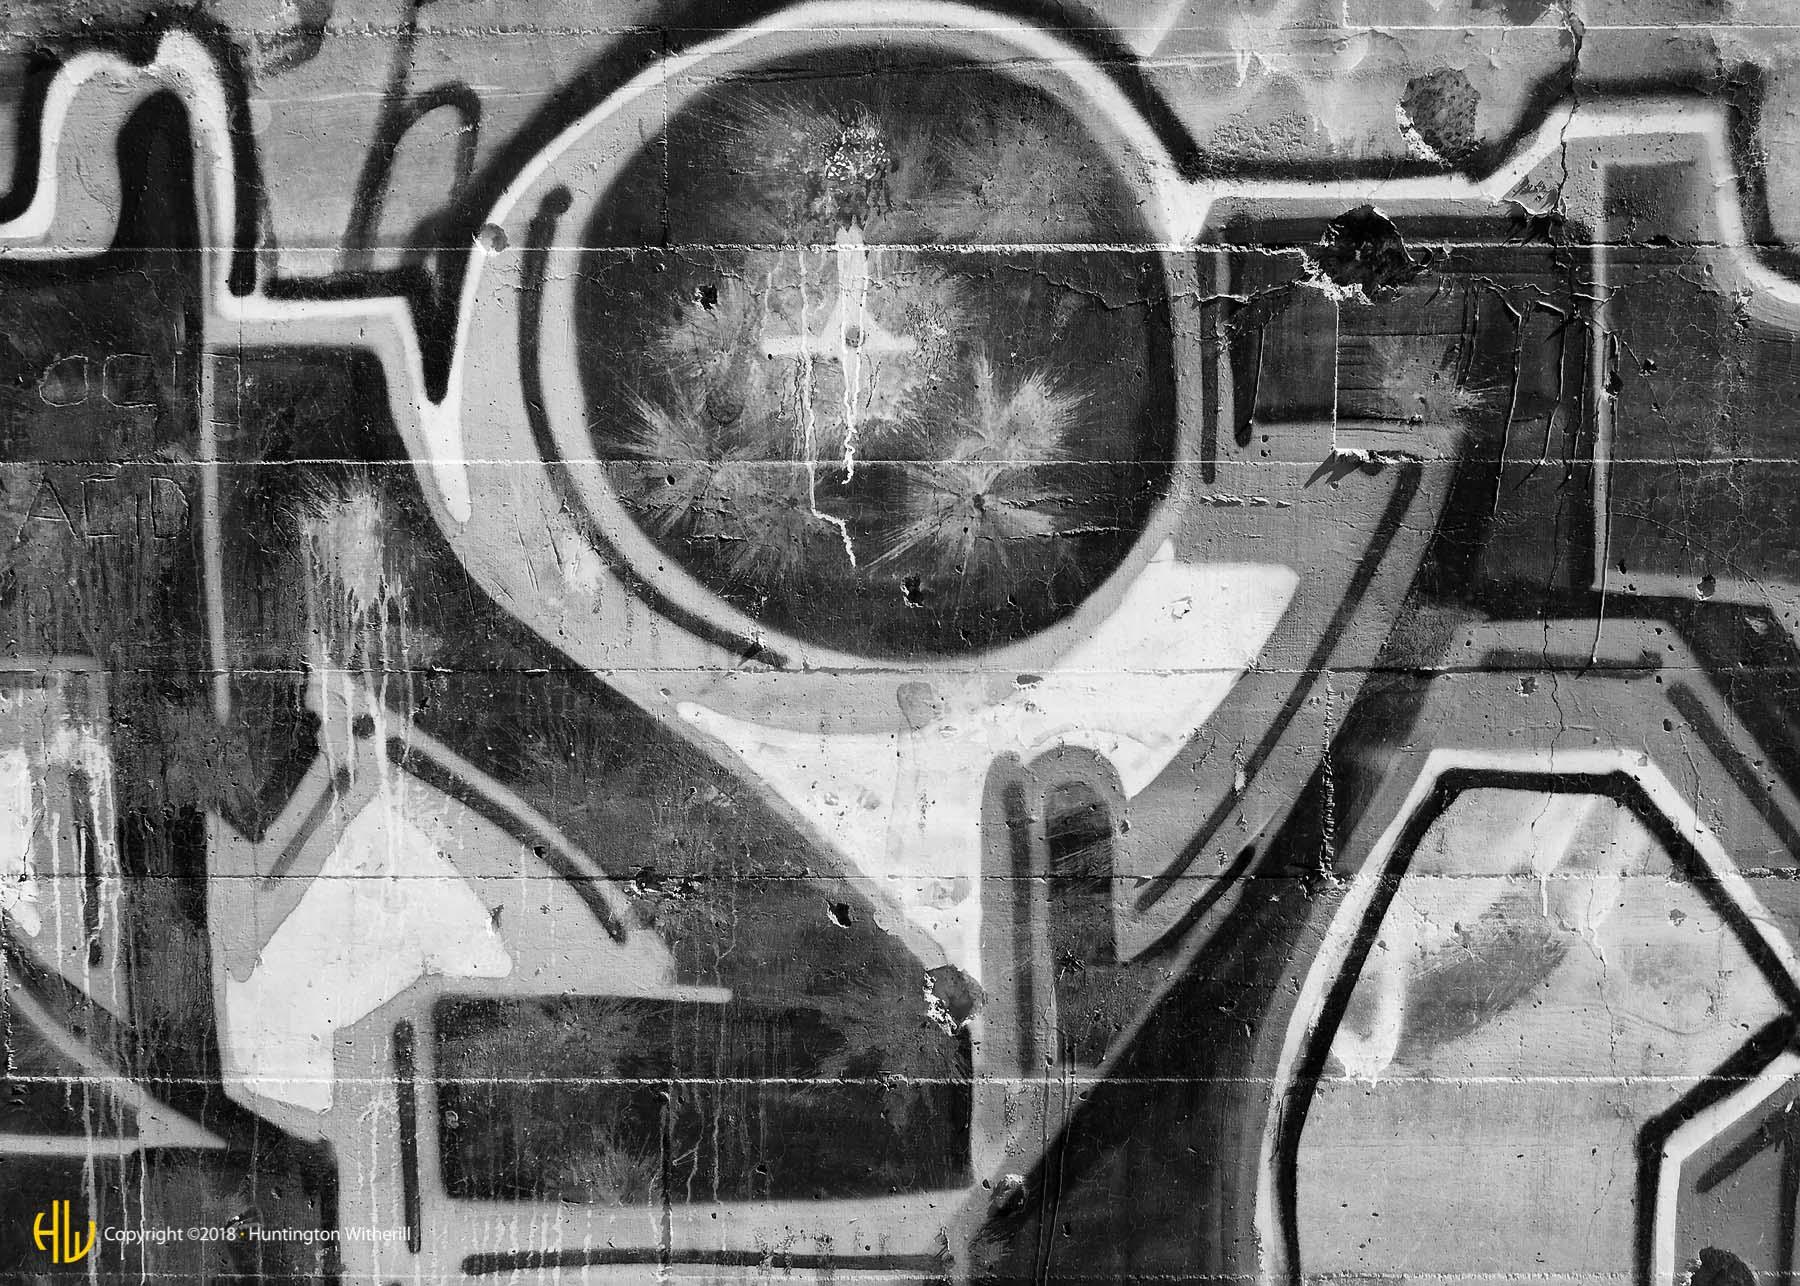 Graffiti, Carerra, NV, 2011